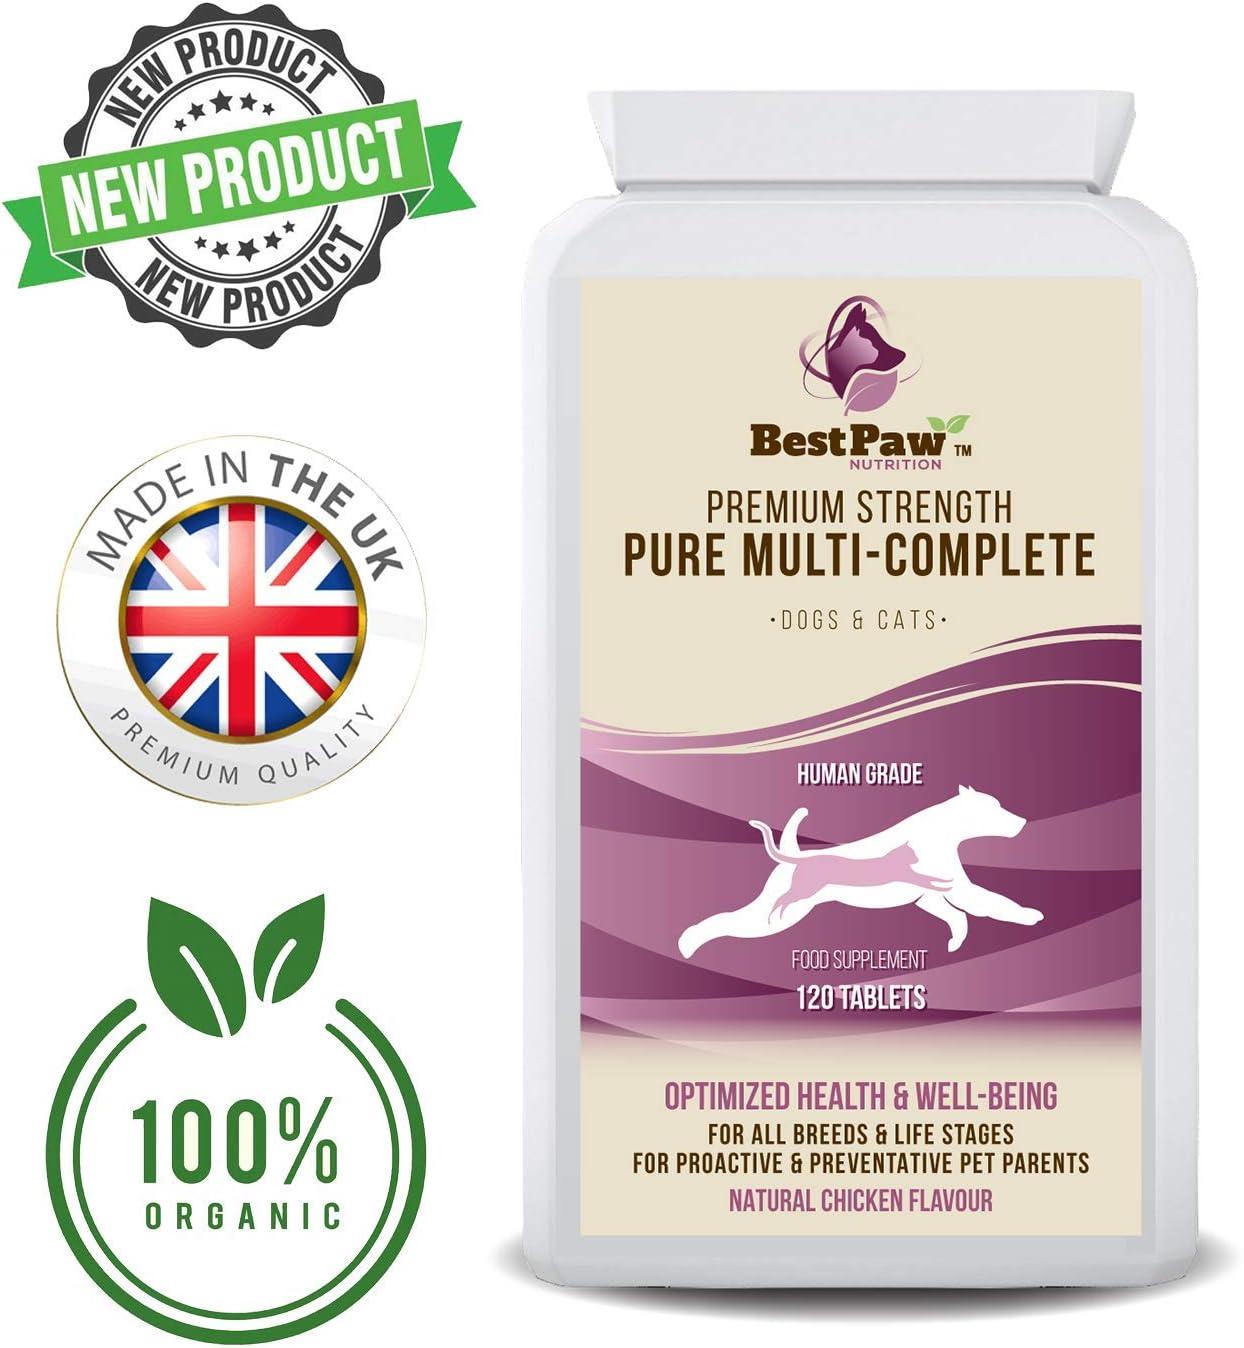 Best Paw Nutrition - Multivitamínico para Perros - Estas Vitaminas Y Suplementos para Perros Le Aseguran De Que Su Perro Se Mantenga Sano Y Activo